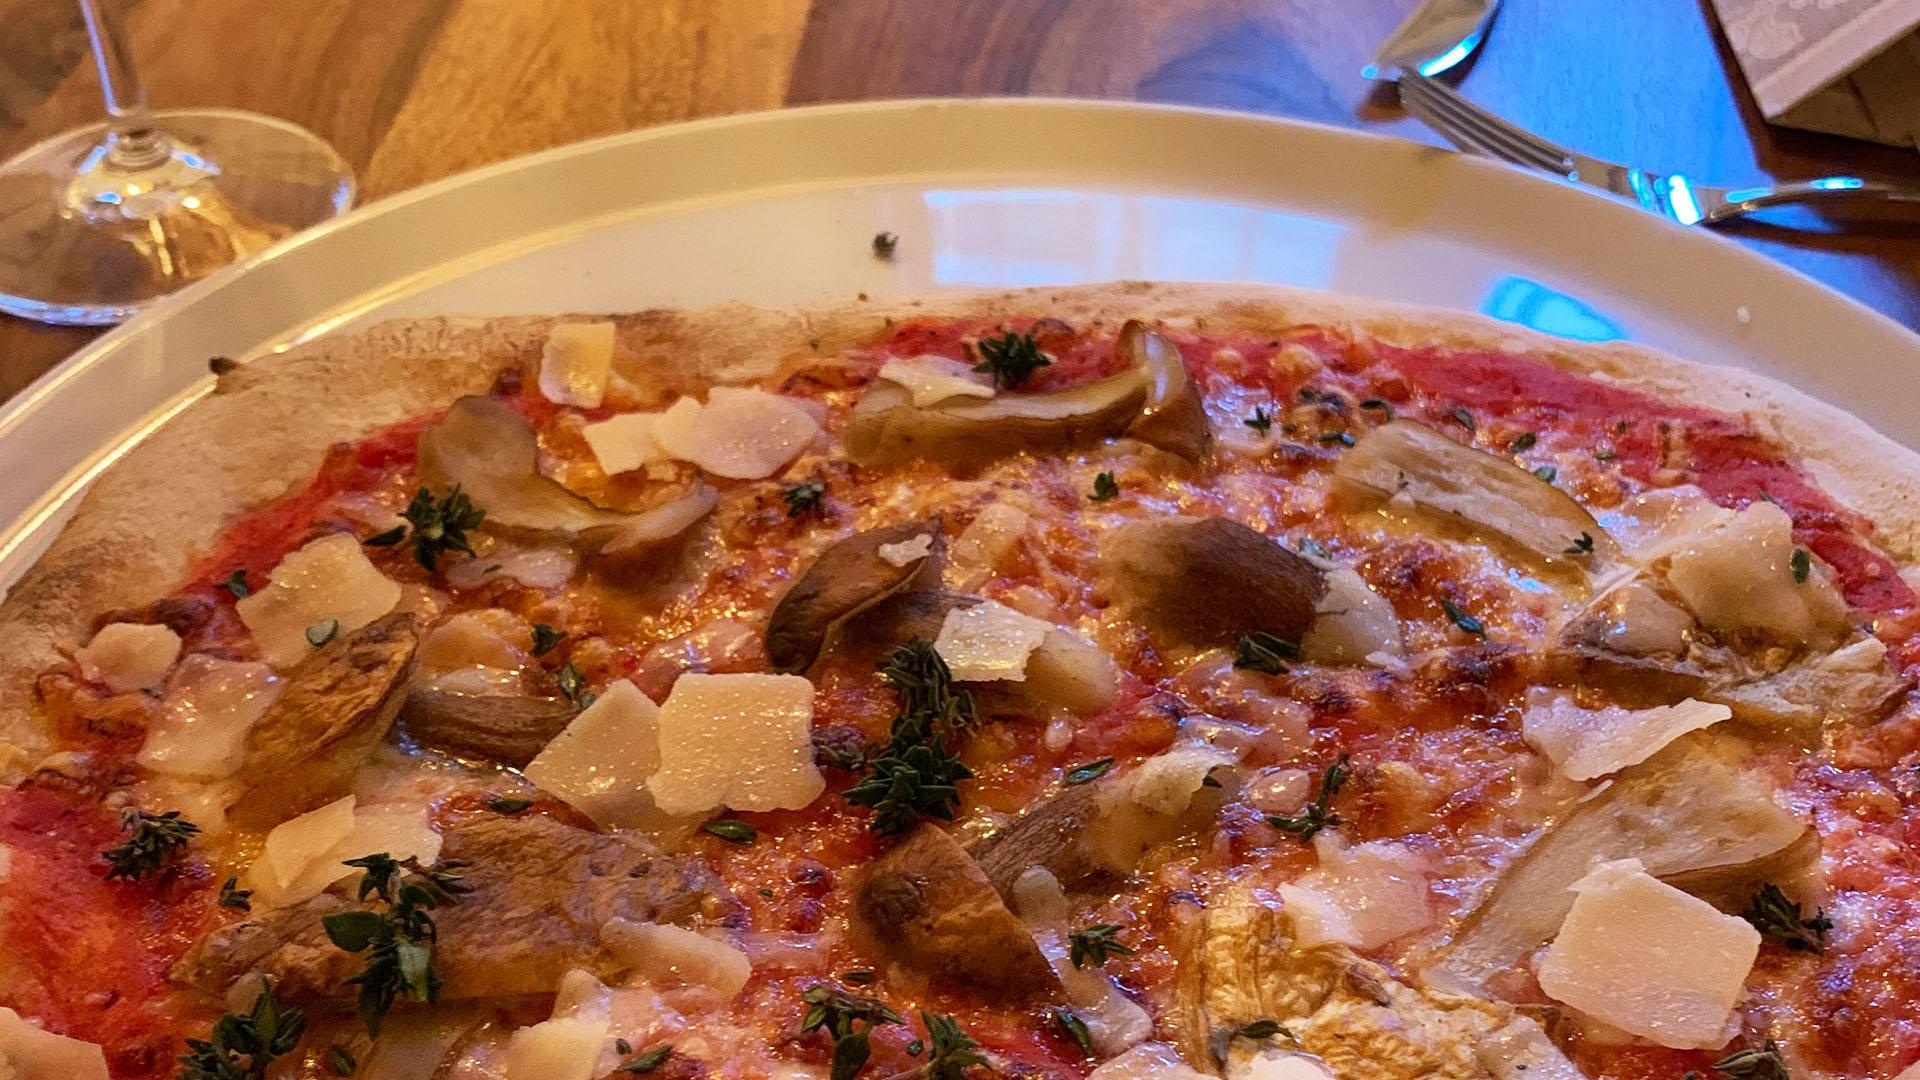 Pizza essen in Wangen Mit frischer Tomatensauce und hochwertigen Belägen backen wir unsere Pizzen frisch in unseren heißen Pizzaofen.   Eine kreative Küche liegt uns am Herzen und so lassen wir uns immer wieder von verschiedenen Zutaten inspirieren. Gerad